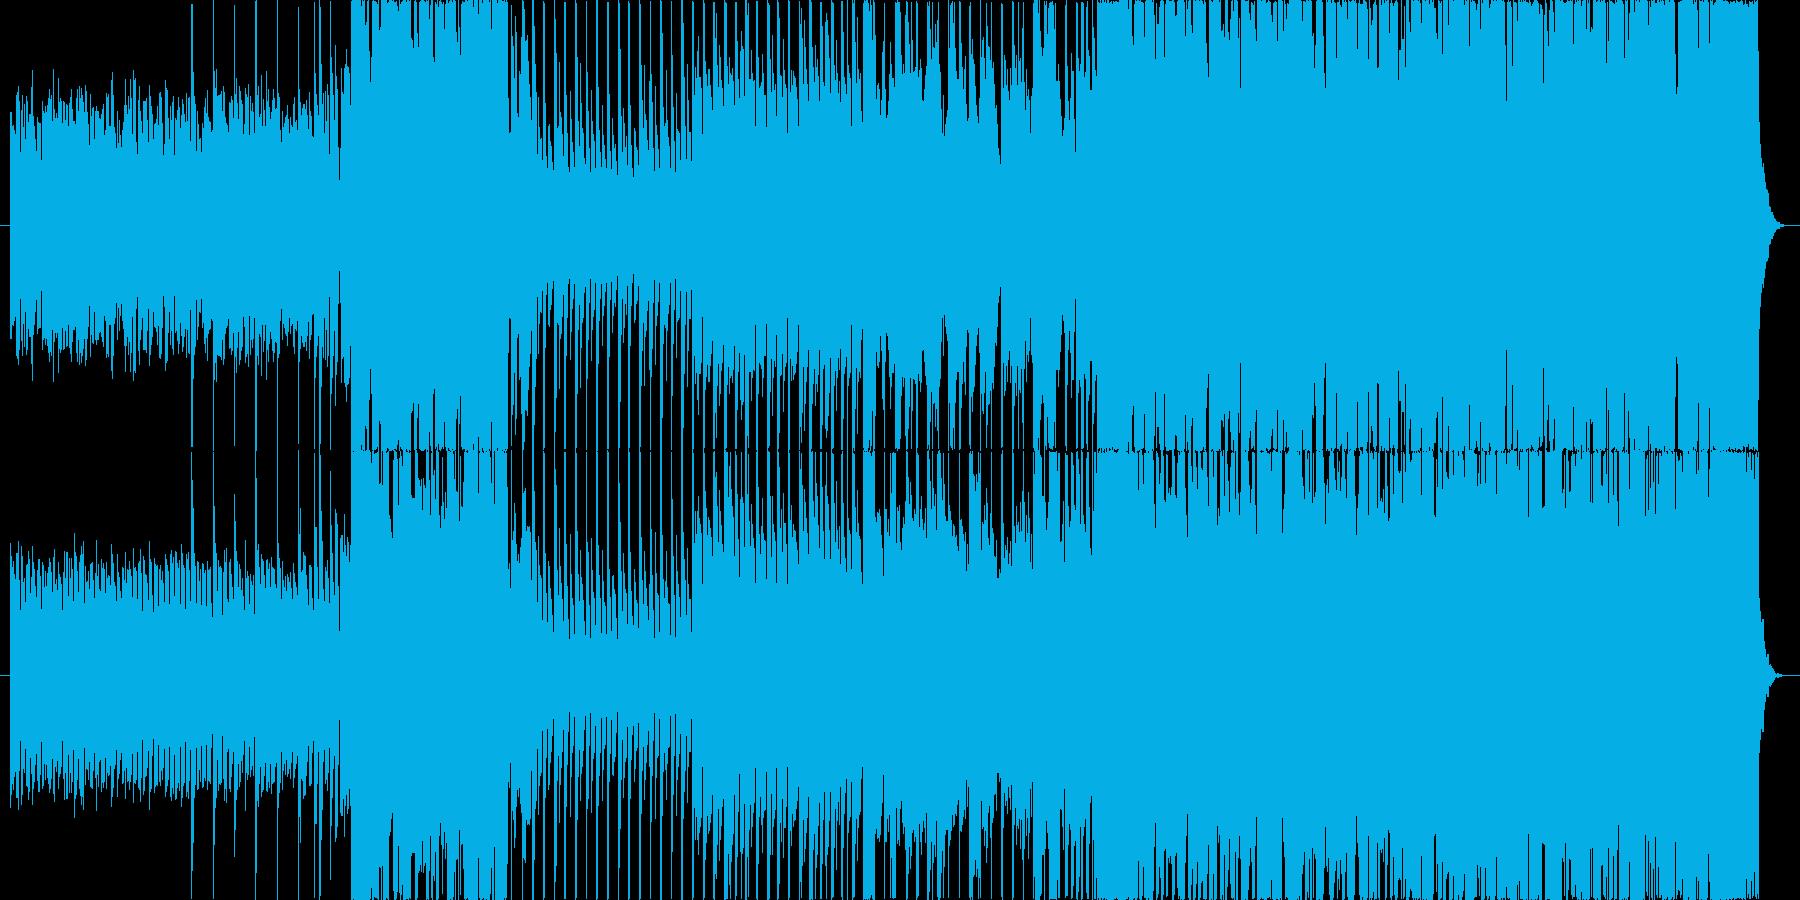 明るくせつないエレクトロダンスEDMの再生済みの波形